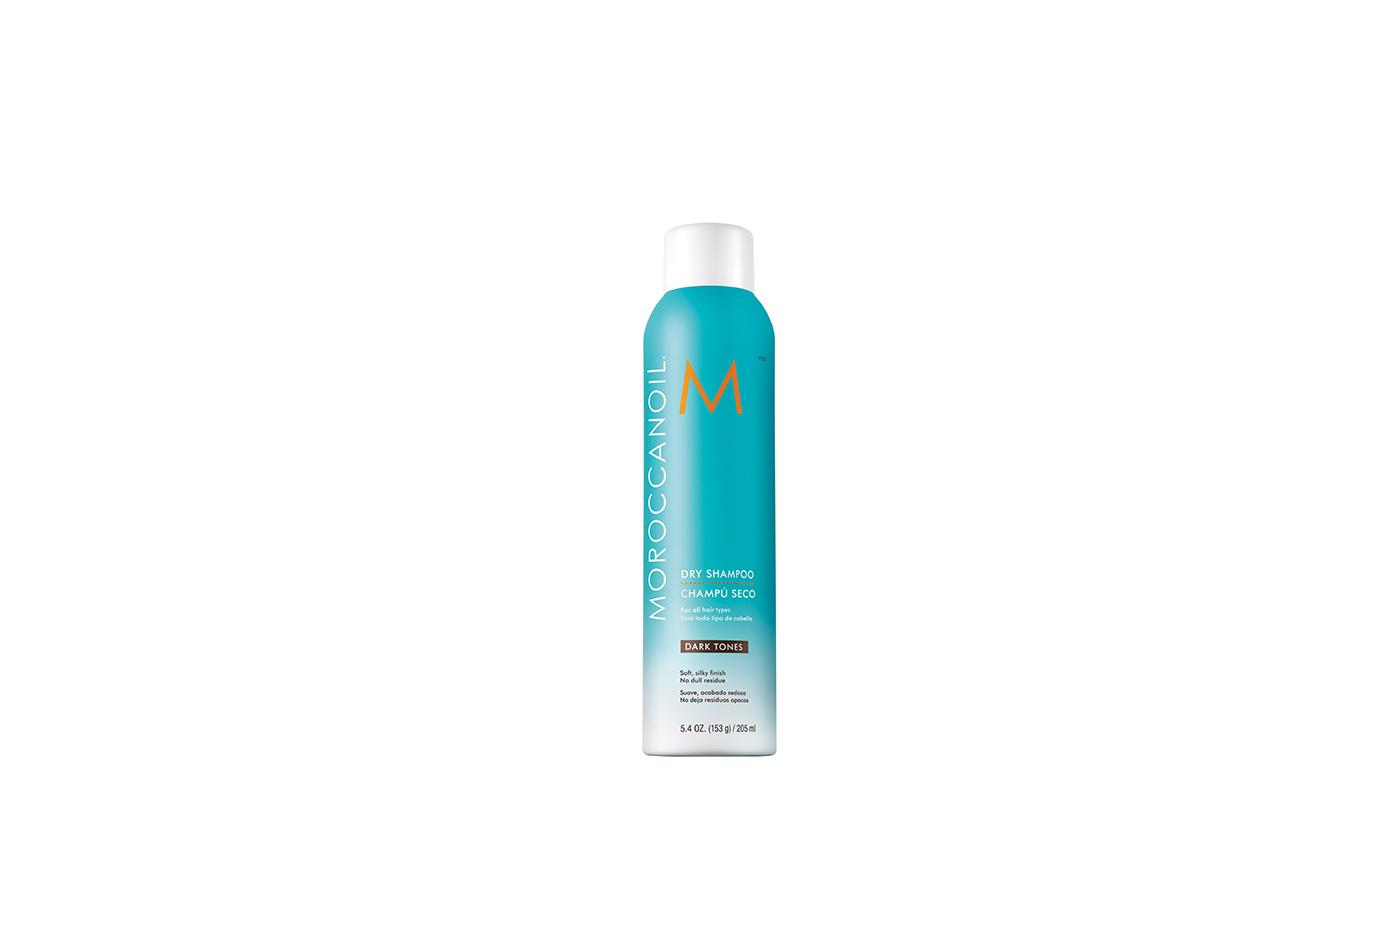 Moroccanoil dry shampoo for light or dark tones